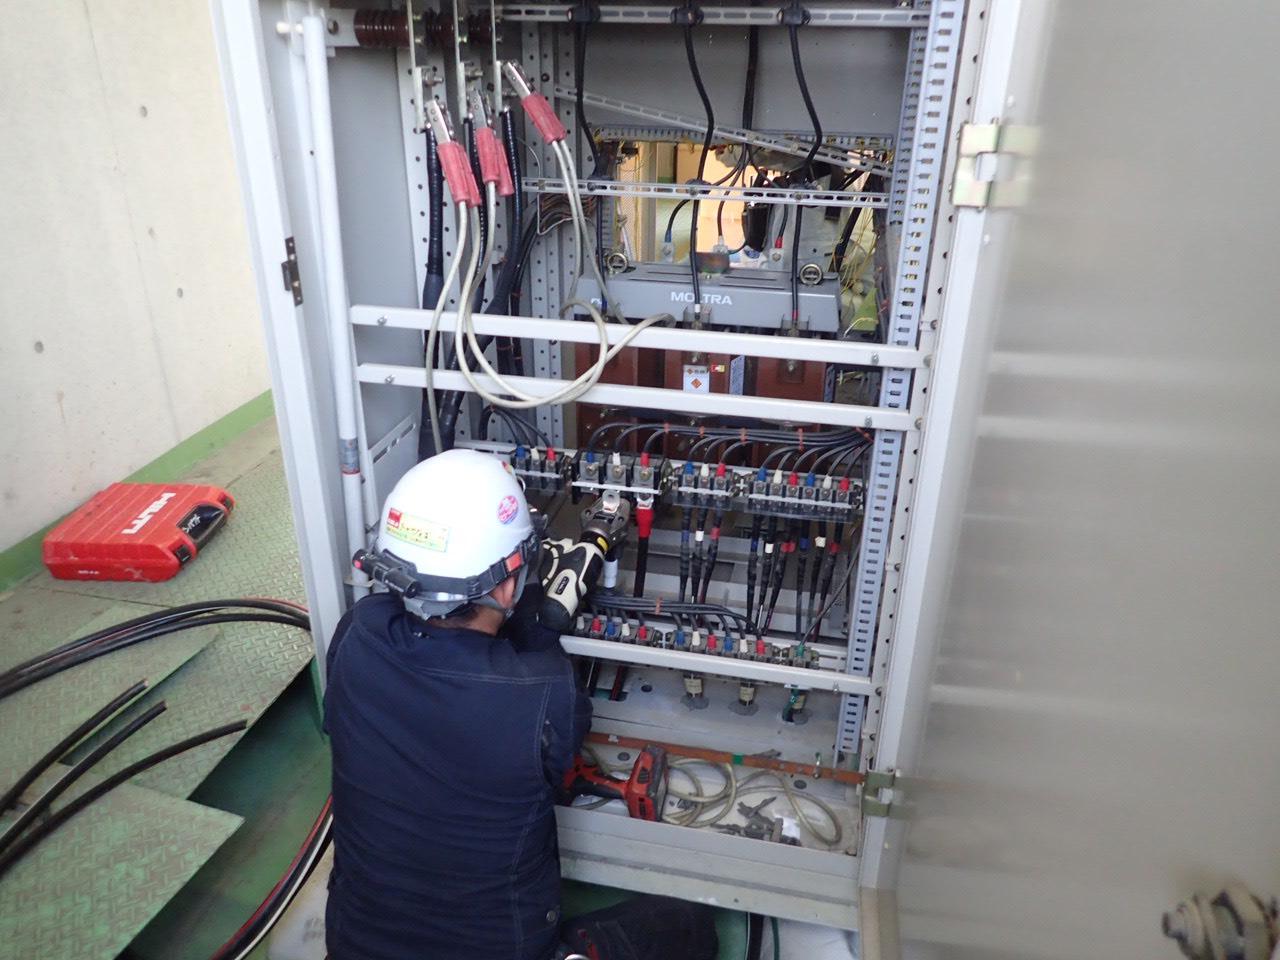 電気工事士の第一歩を踏み出すチャンス!